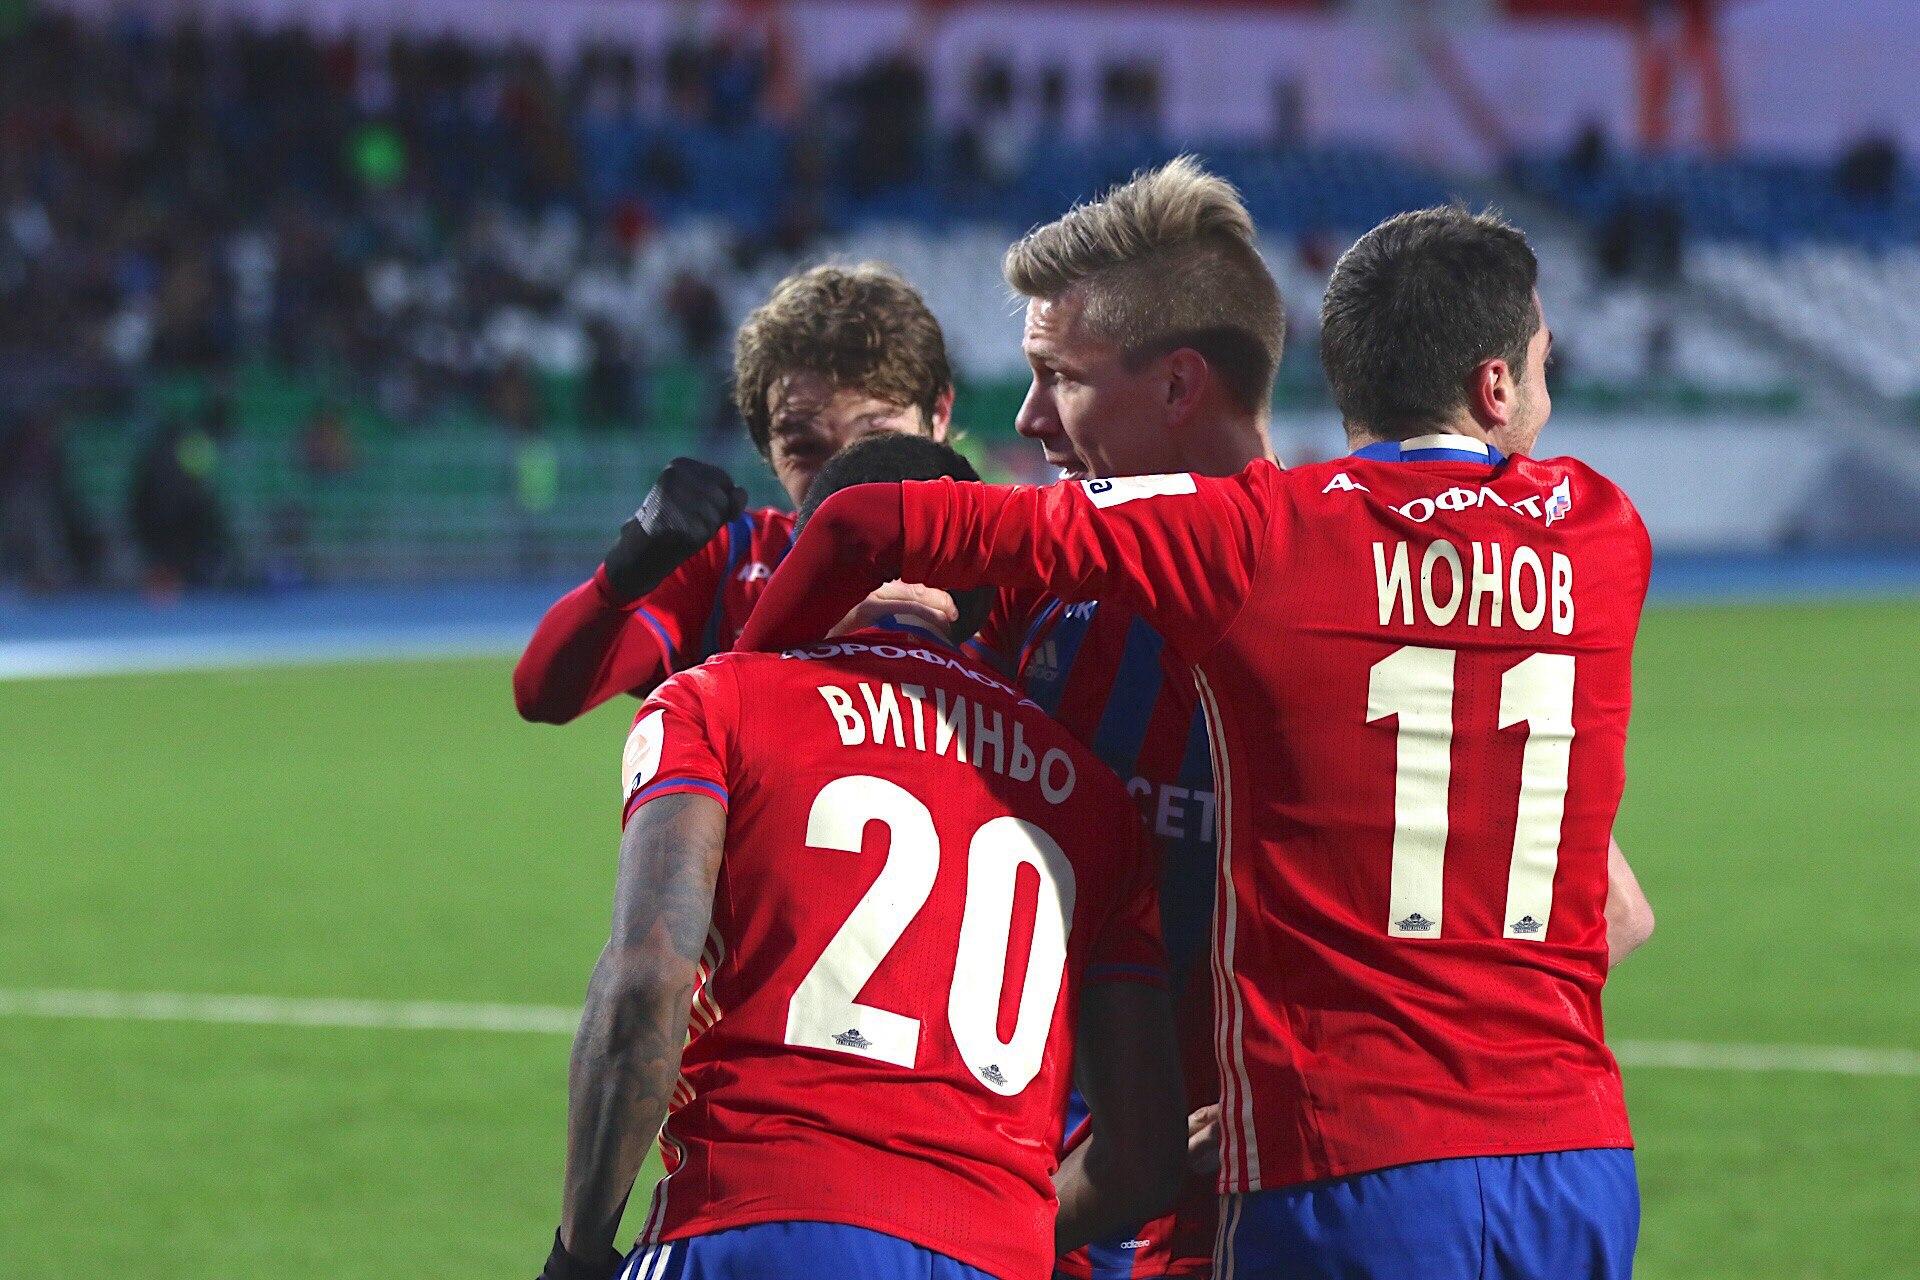 ПФК ЦСКА одержал победу на выезде